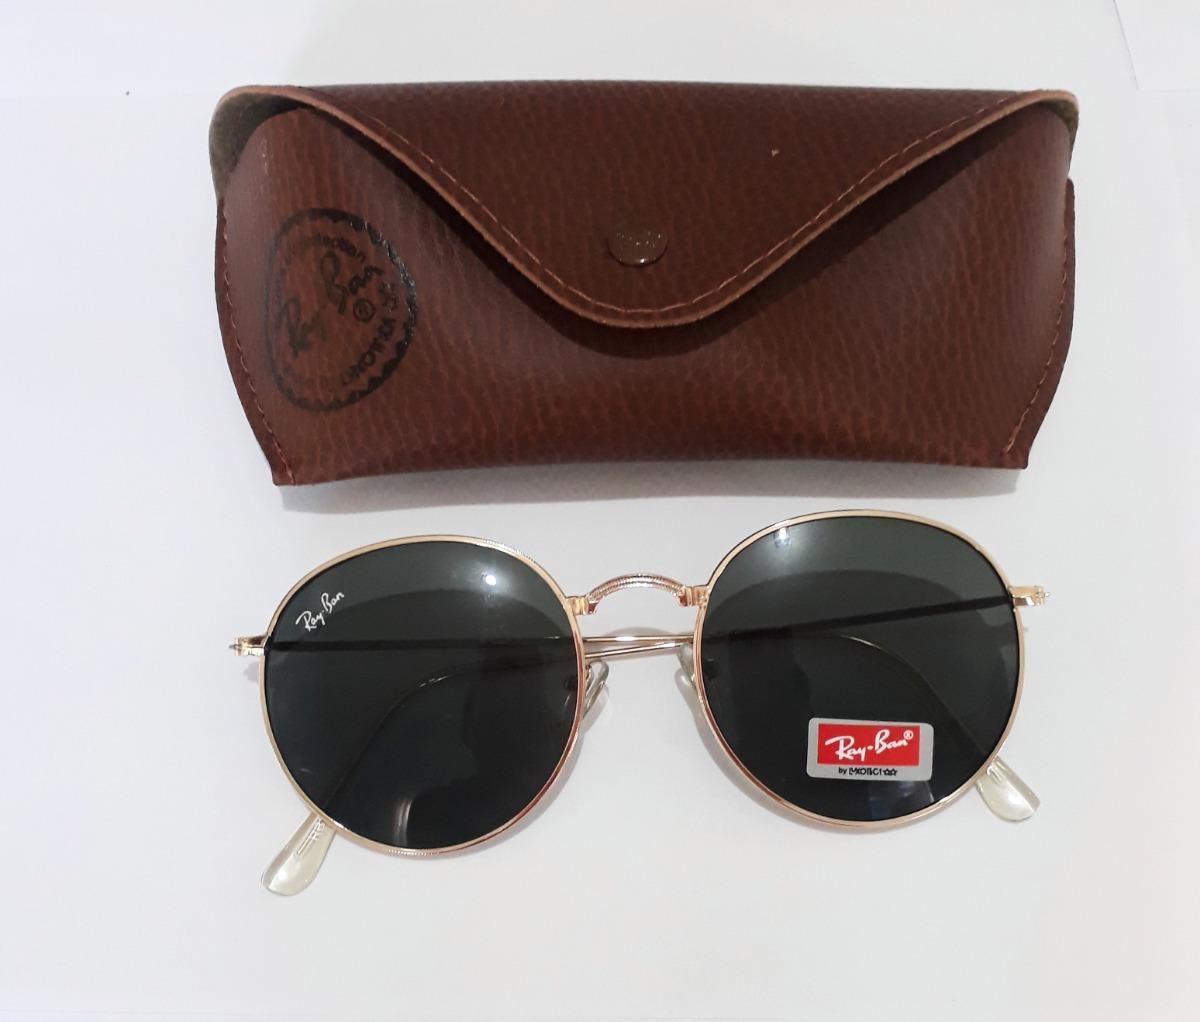 3a23e3d1d óculos retrô redondo feminino masculino round várias cores. Carregando zoom.